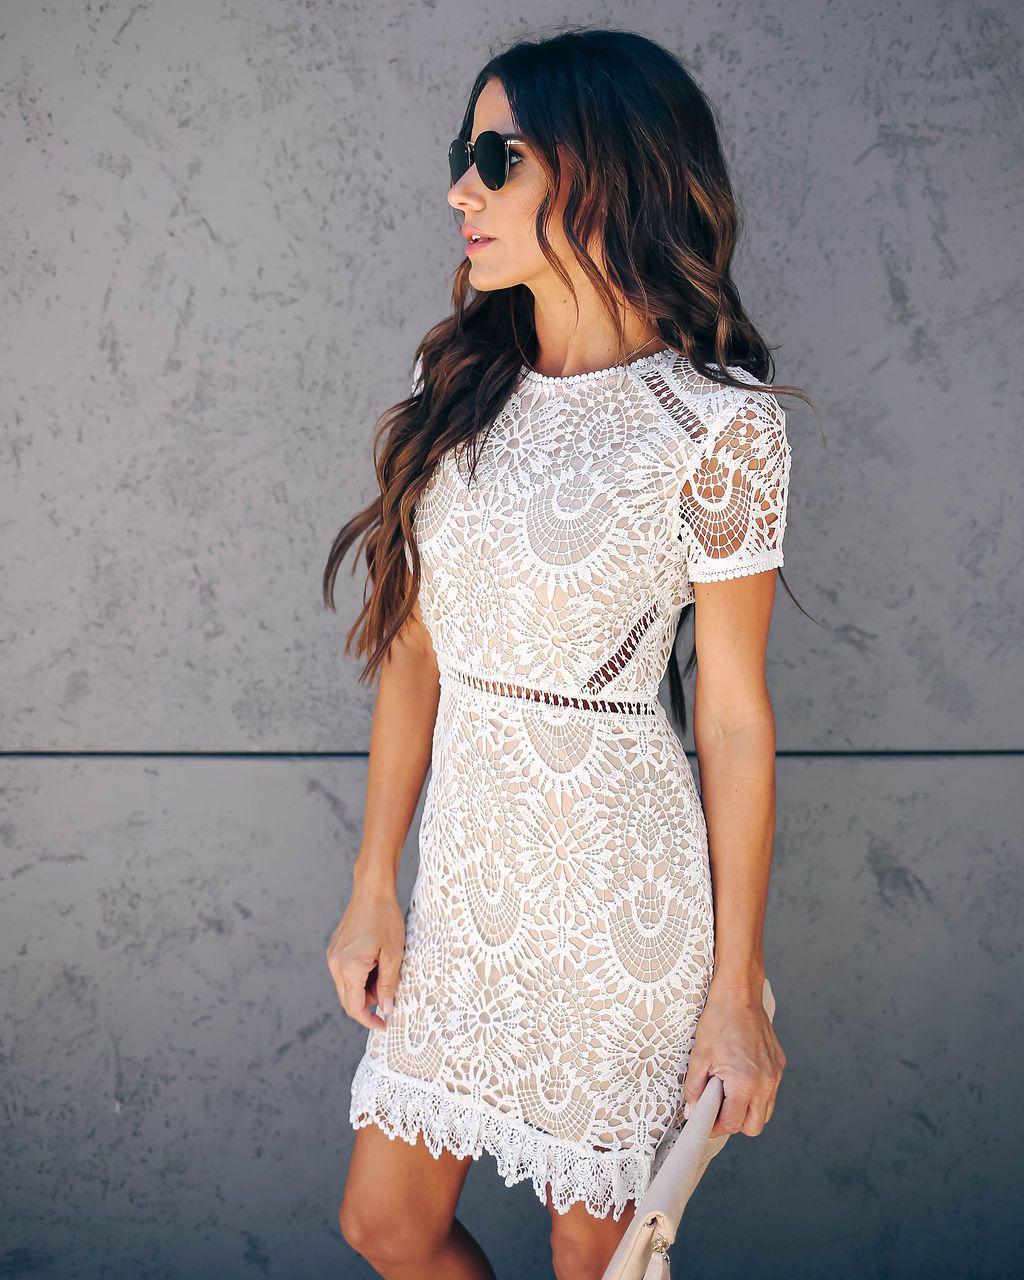 Live Out Loud Crochet Lace Dress White Lace White Dress Crochet Lace Dress Lace Dress [ 1280 x 1024 Pixel ]